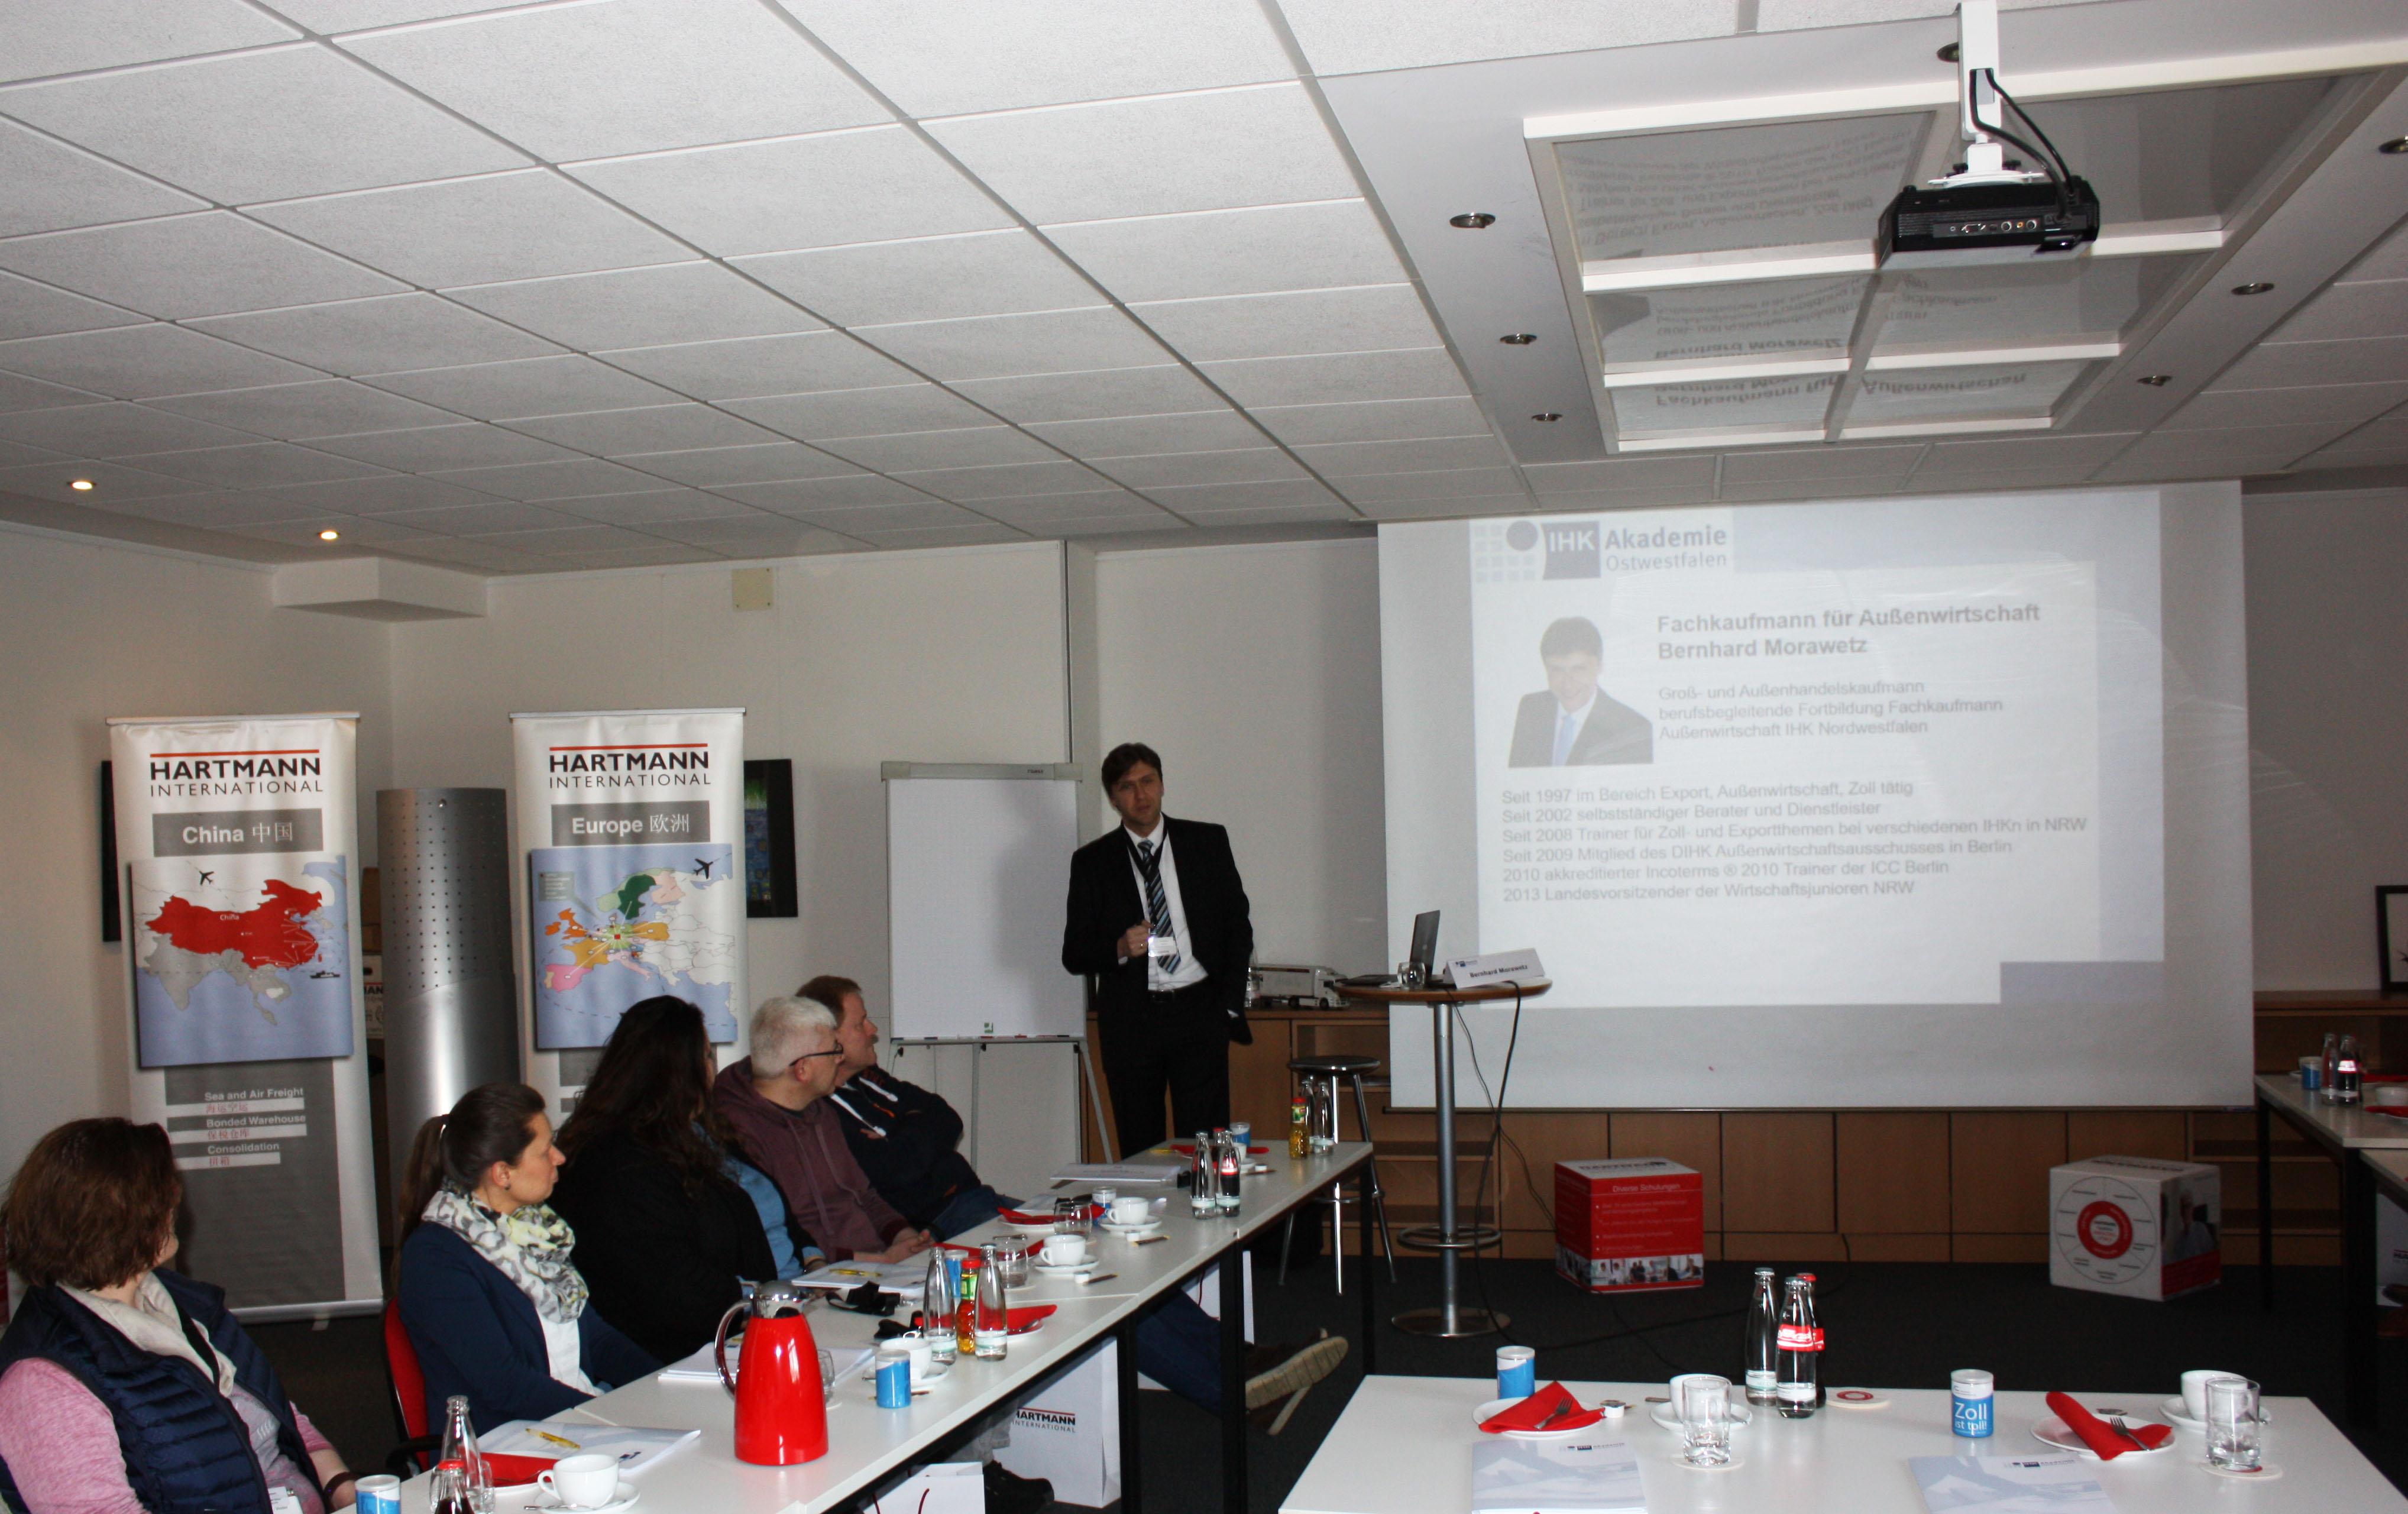 Bernhard Morawetz von der IHK Ostwestfalen referiert zum Thema Zoll